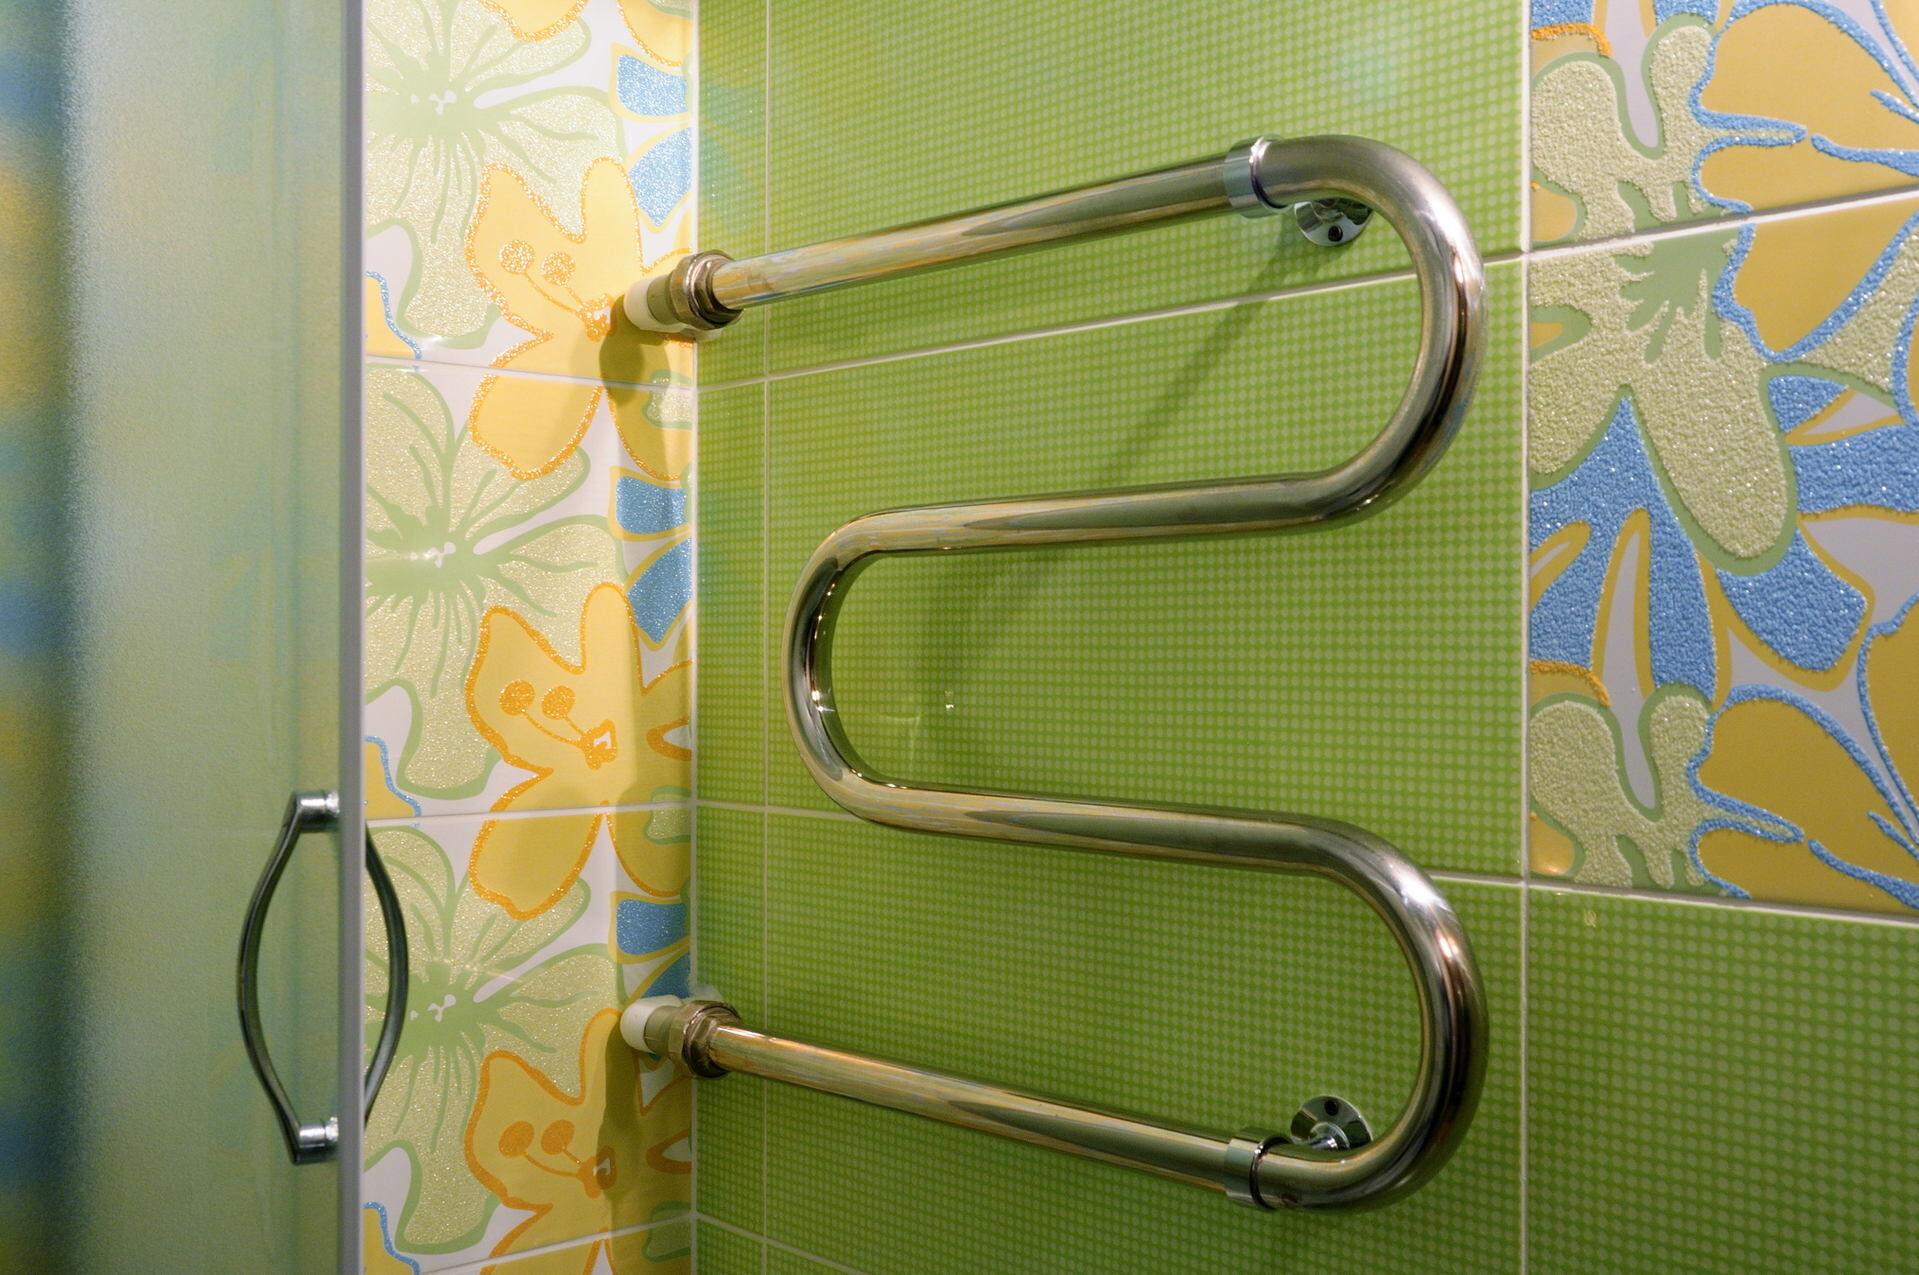 Установке полотенцесушителя в ванной